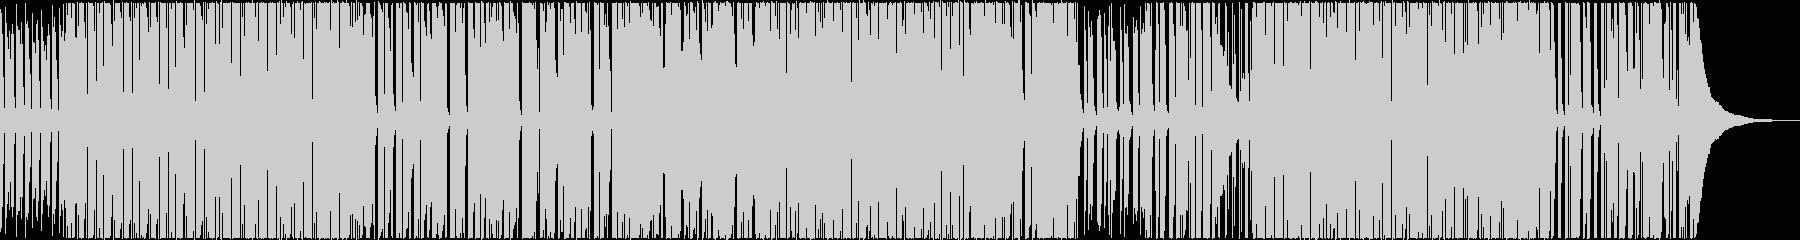 クラシックギターの爽やかな曲_02の未再生の波形